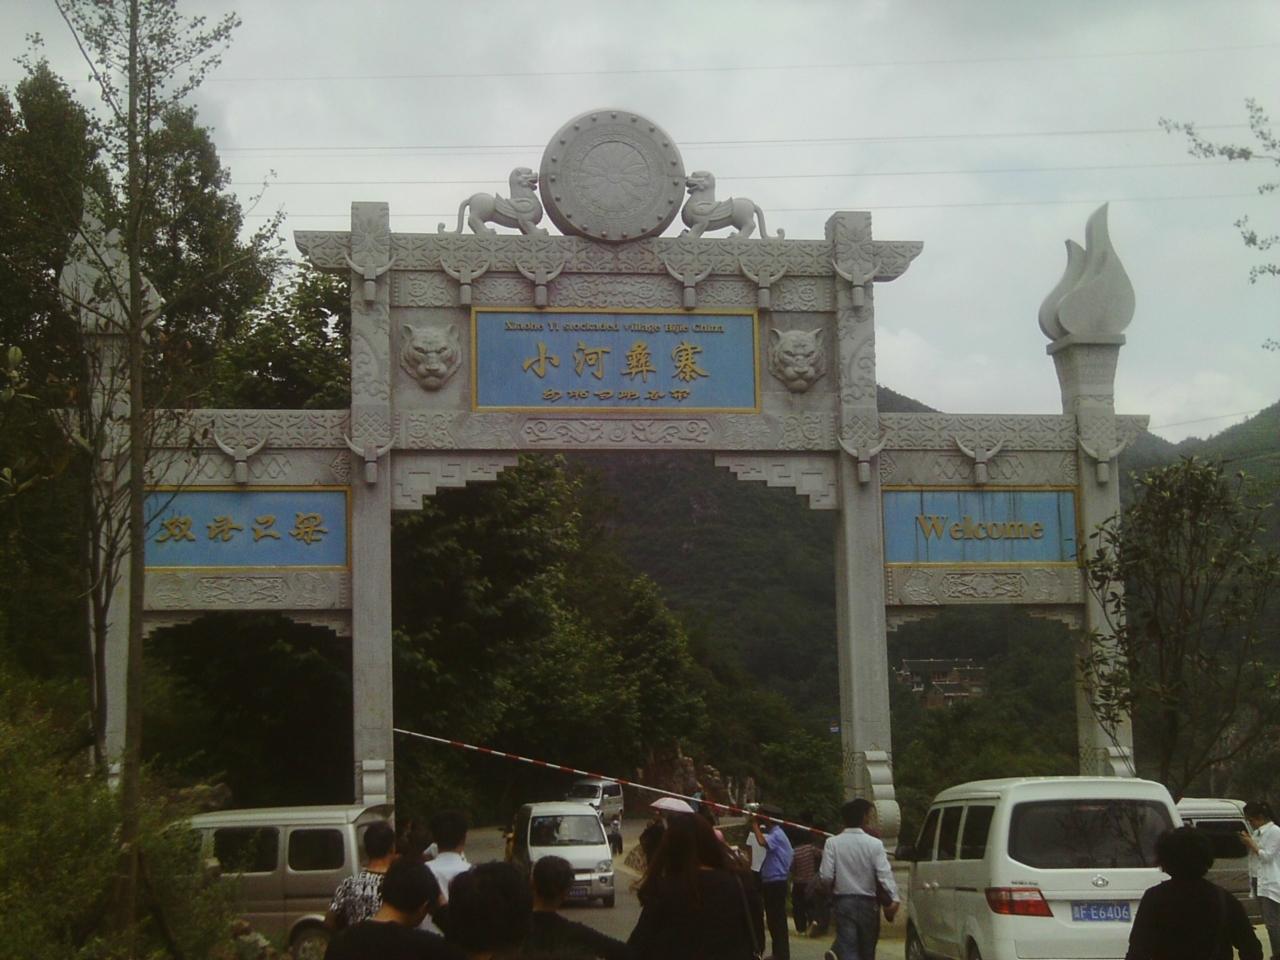 毕节七星关区小河彝寨风景区,位于毕节市七星关区大新桥高清图片